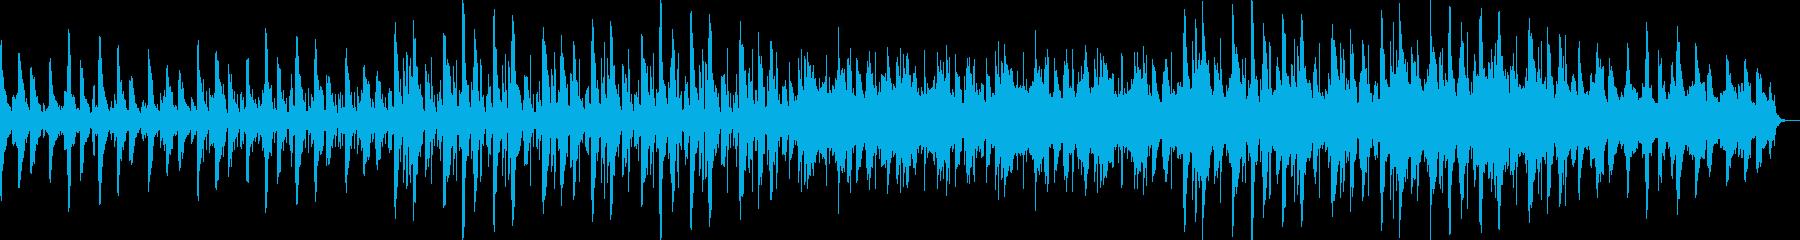 幻想的な雰囲気の優しいlo-fiチューンの再生済みの波形